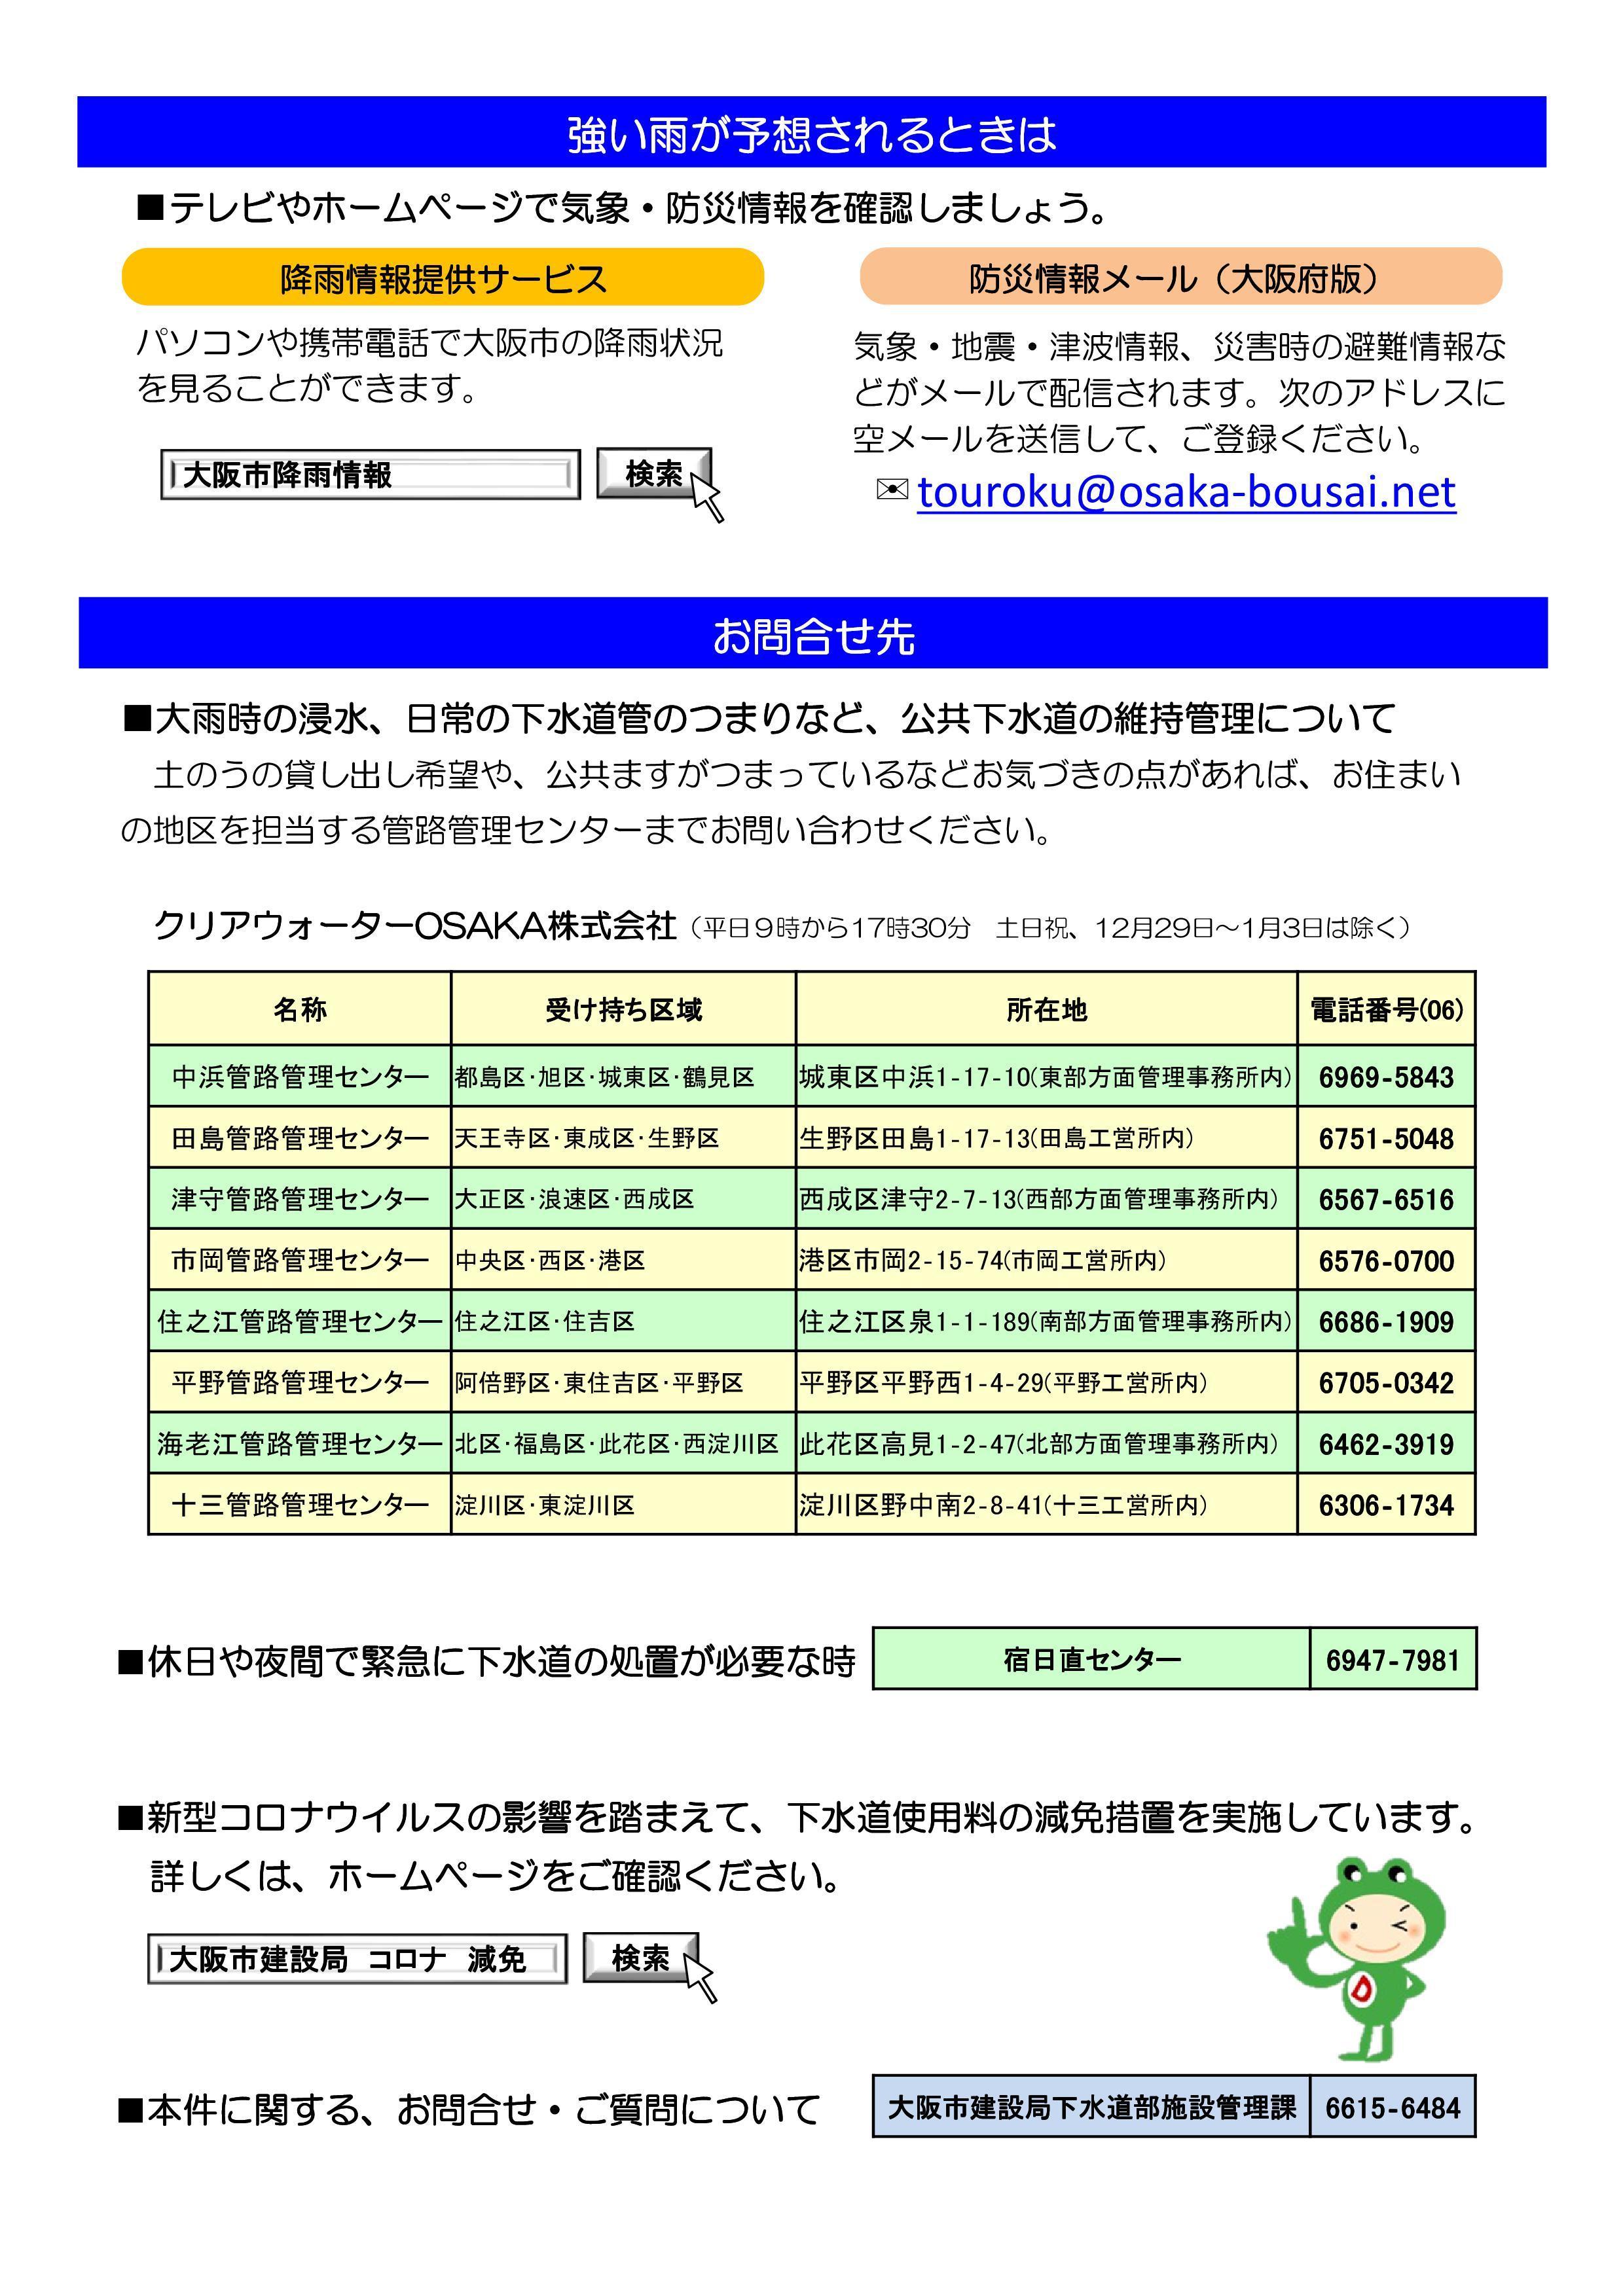 コロナ ウイルス 市 感染 者 大阪